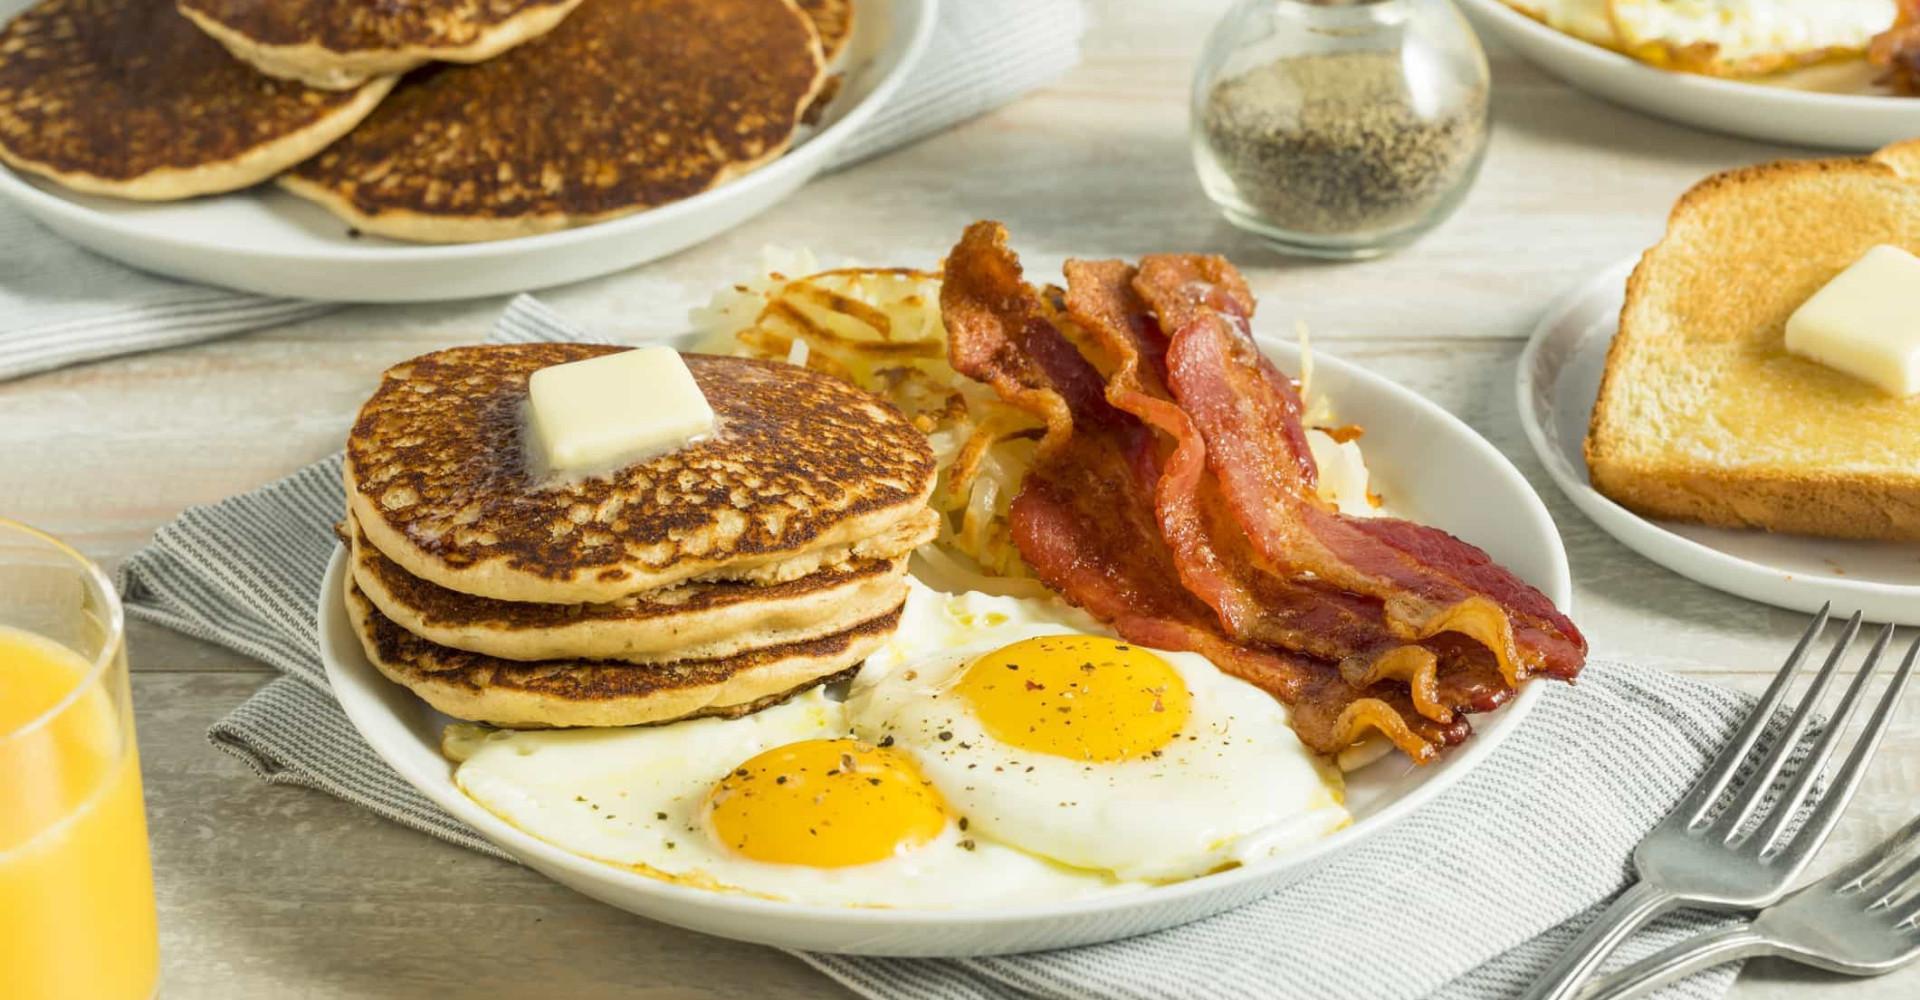 Miksi tiettyjä ruokia syödään vain aamupalalla?